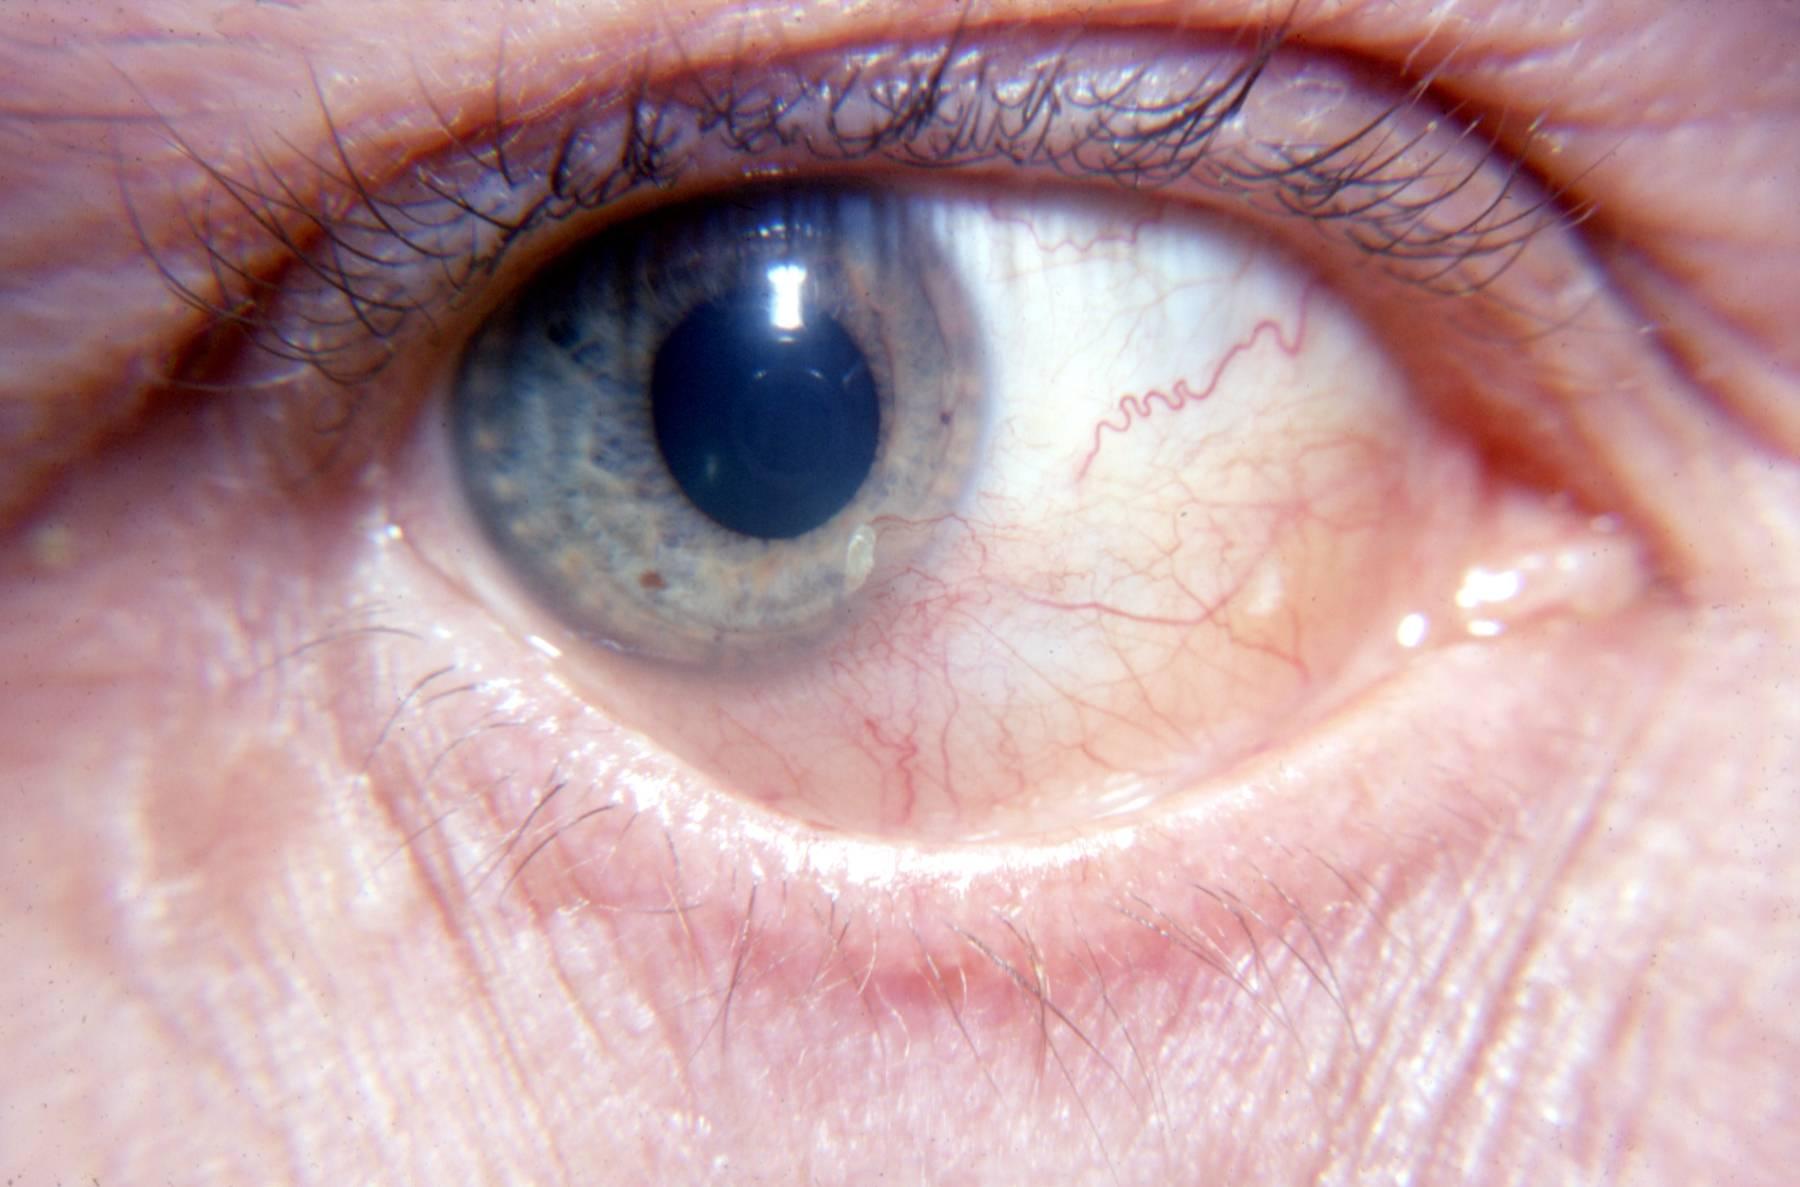 Ирит глаза: симптомы, причины, лечение воспаления радужной оболочки, диагностика, виды, профилактика